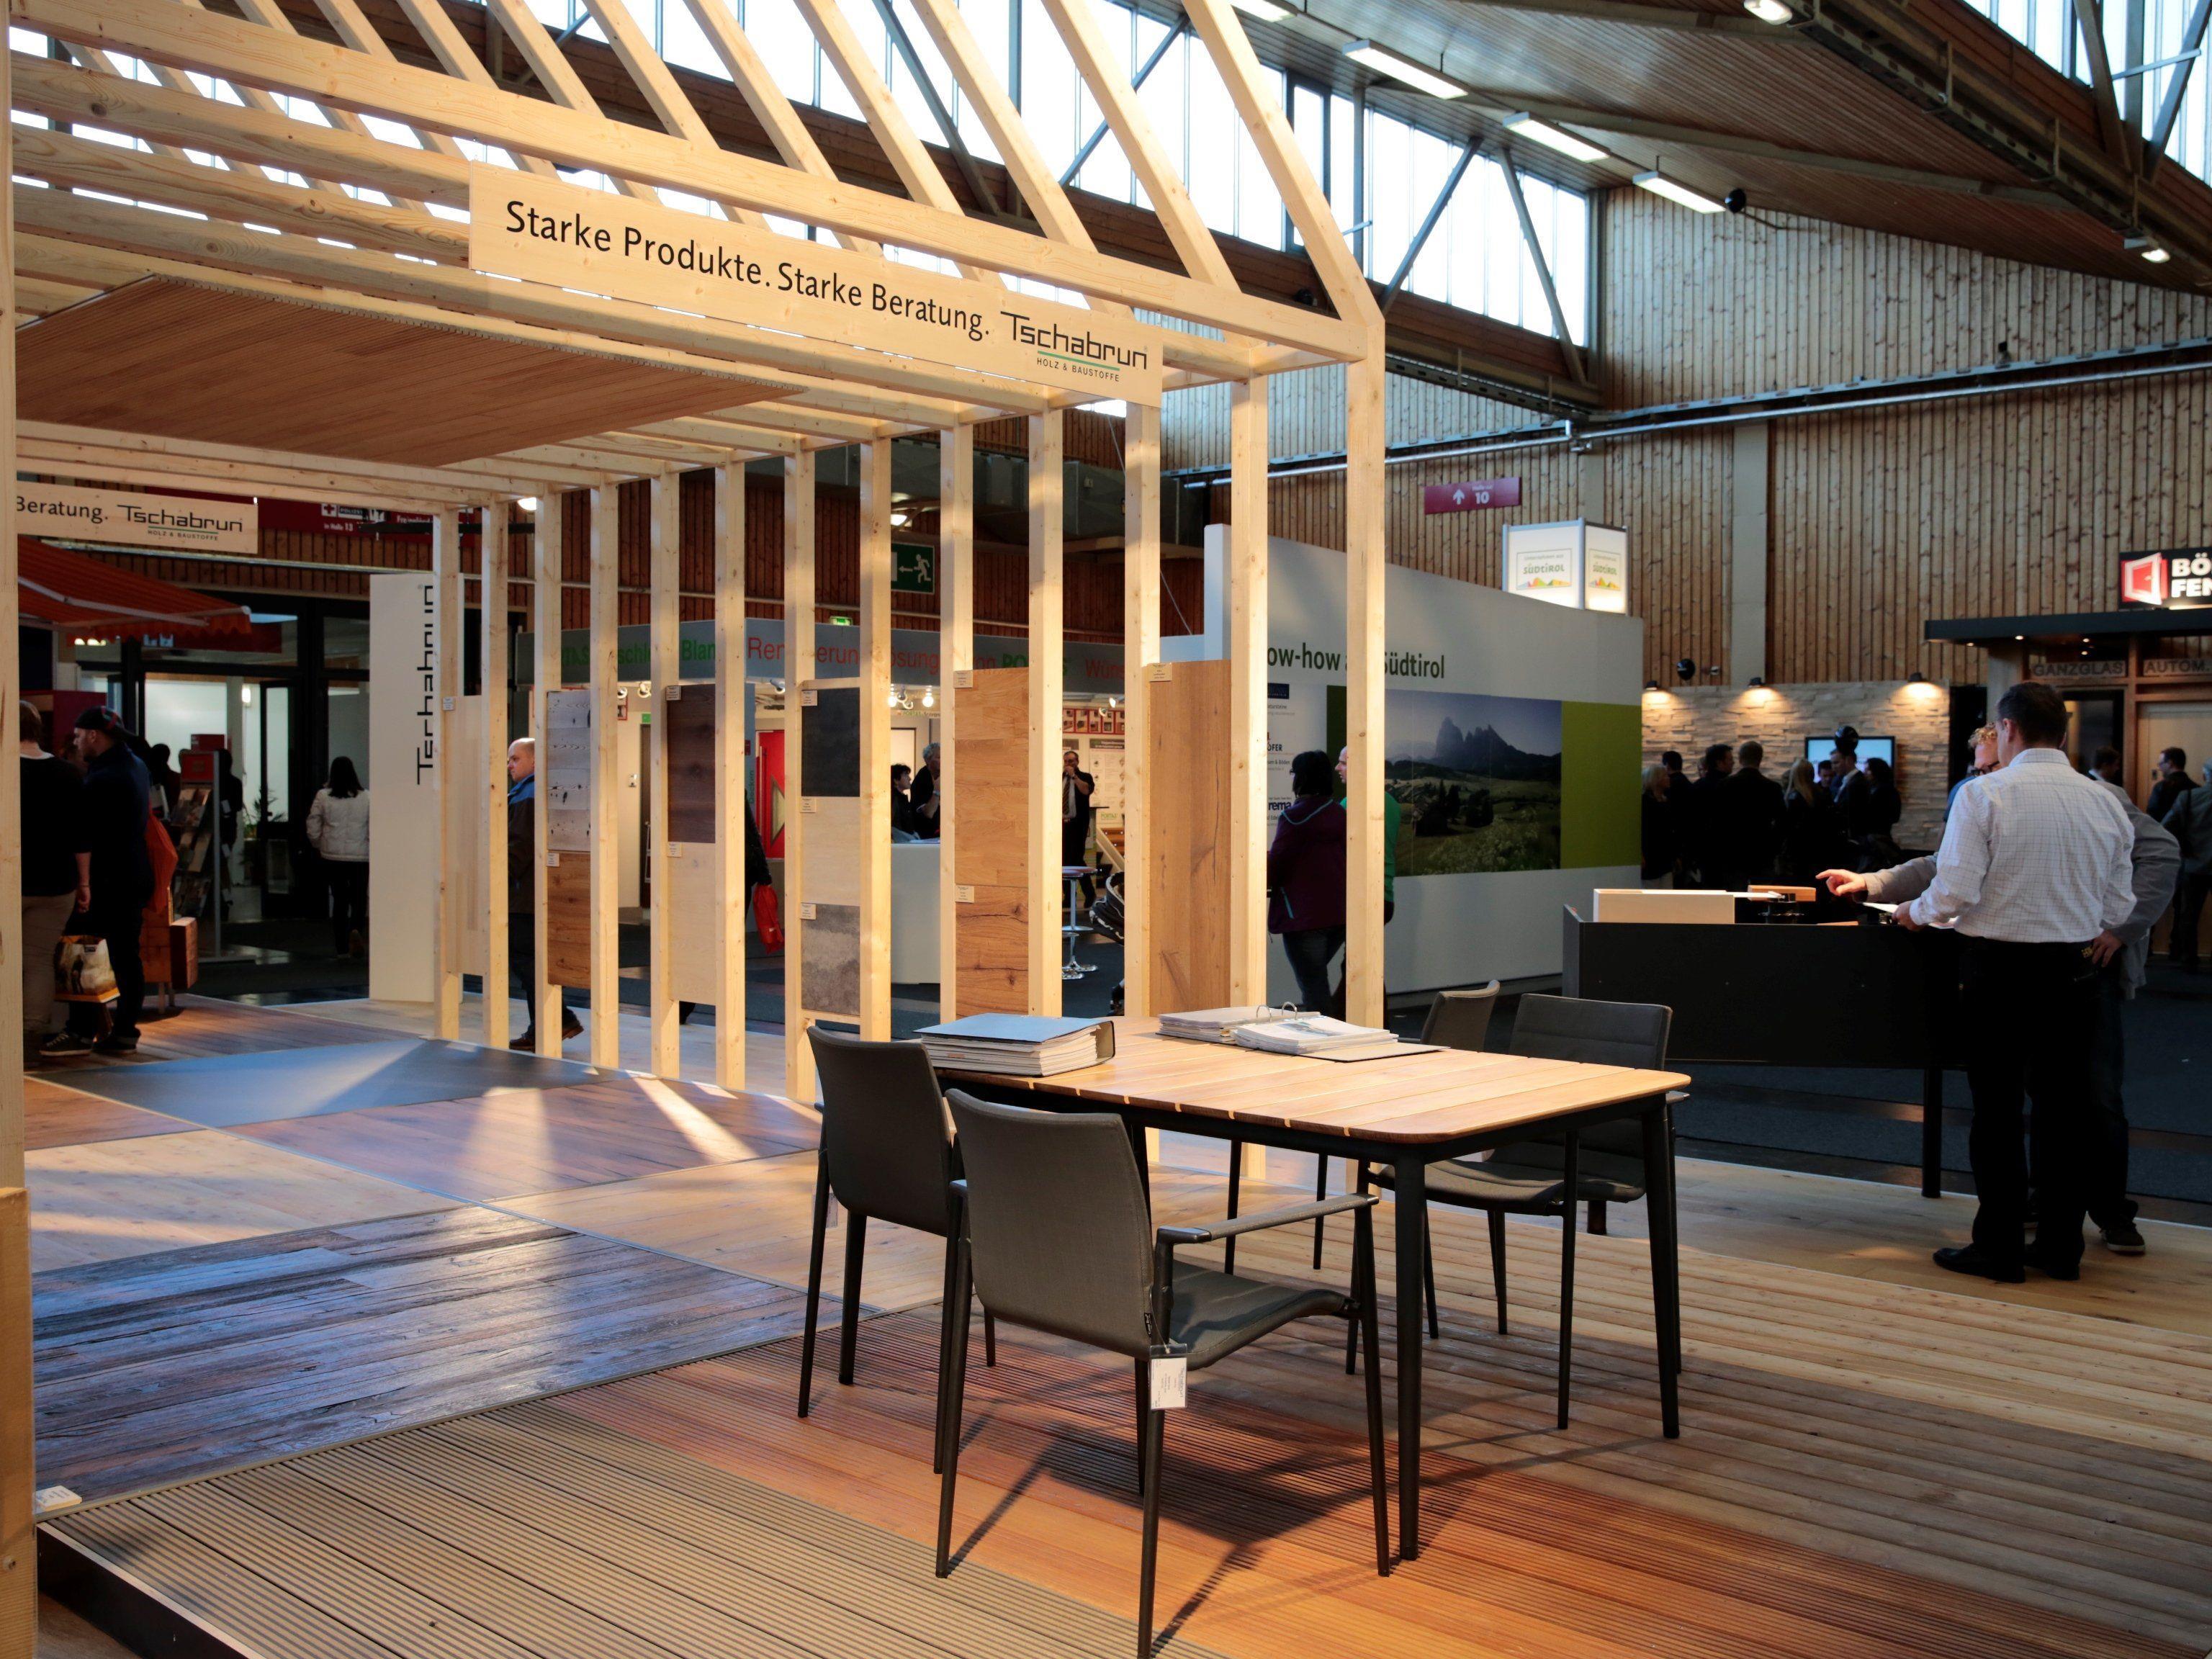 200 Aussteller aus dem In- und Ausland präsentieren alles zu den Themen Architektur, Bauhandwerk, Energie und Immobilien.